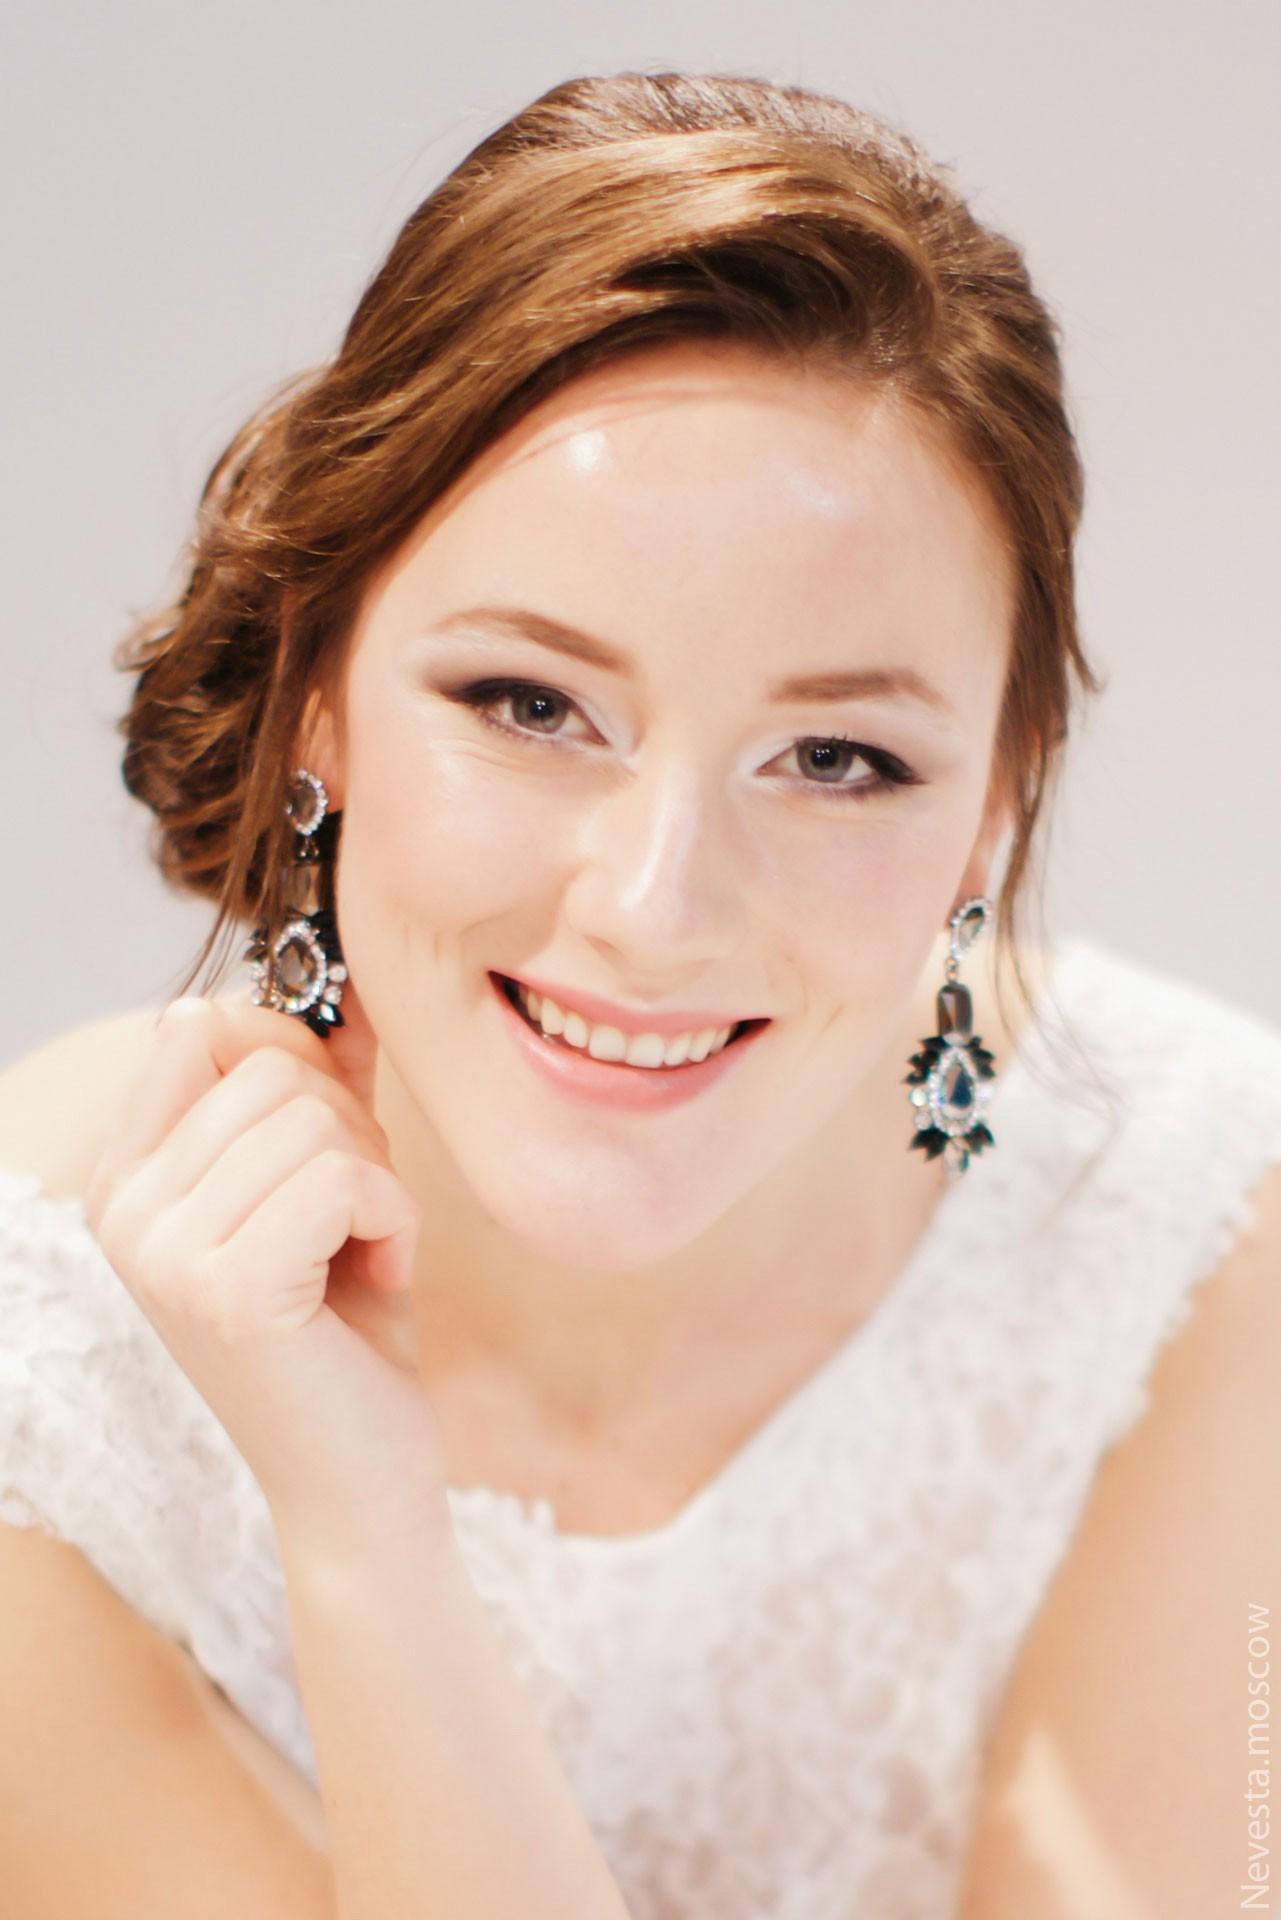 Макияж и прическа невесты фото 1